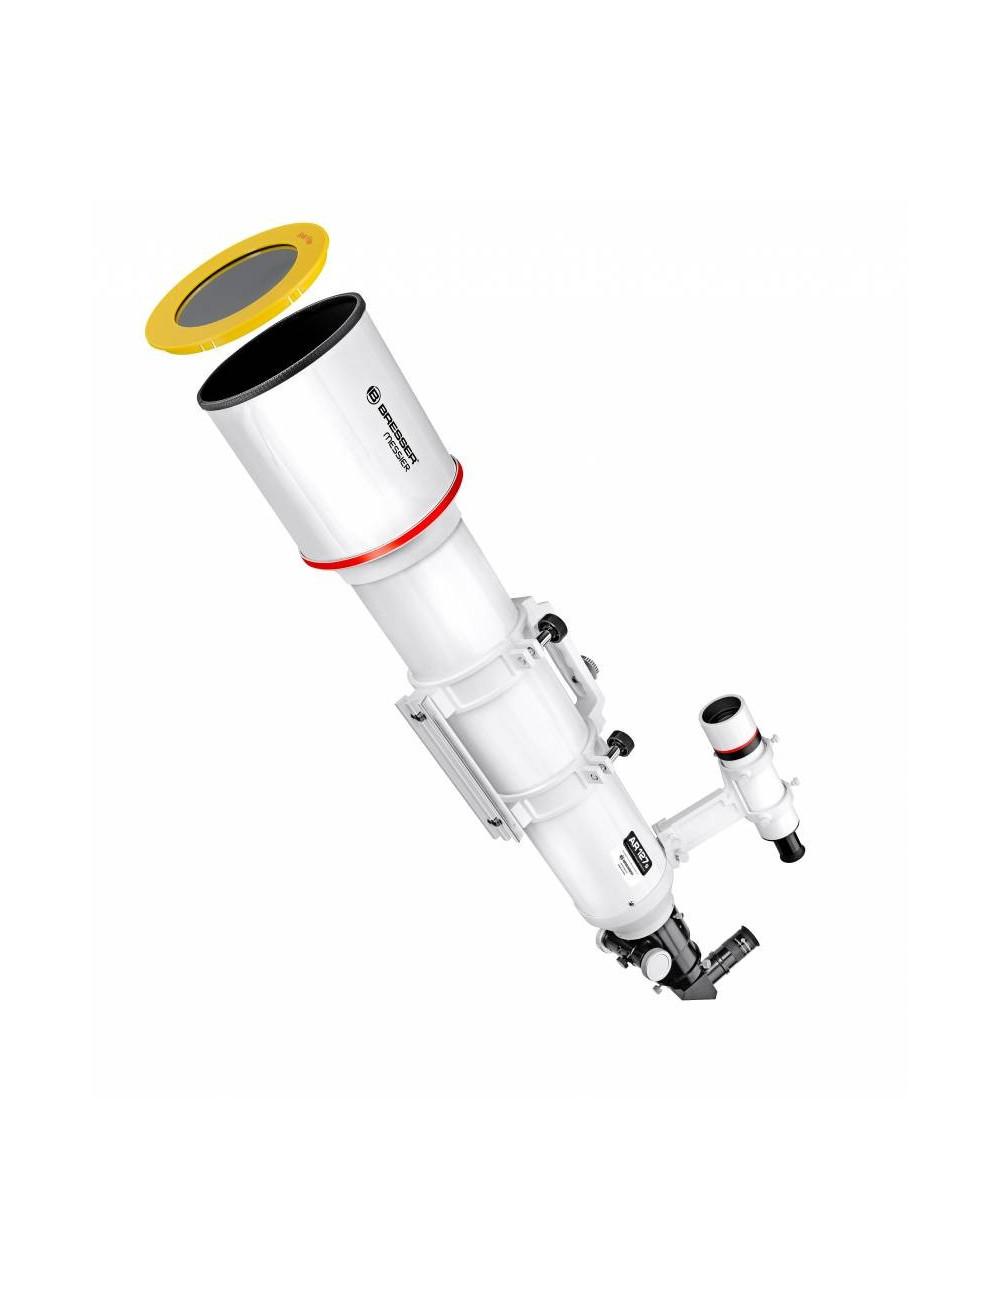 Tube optique Bresser Messier AR-127S/635 Hexafoc